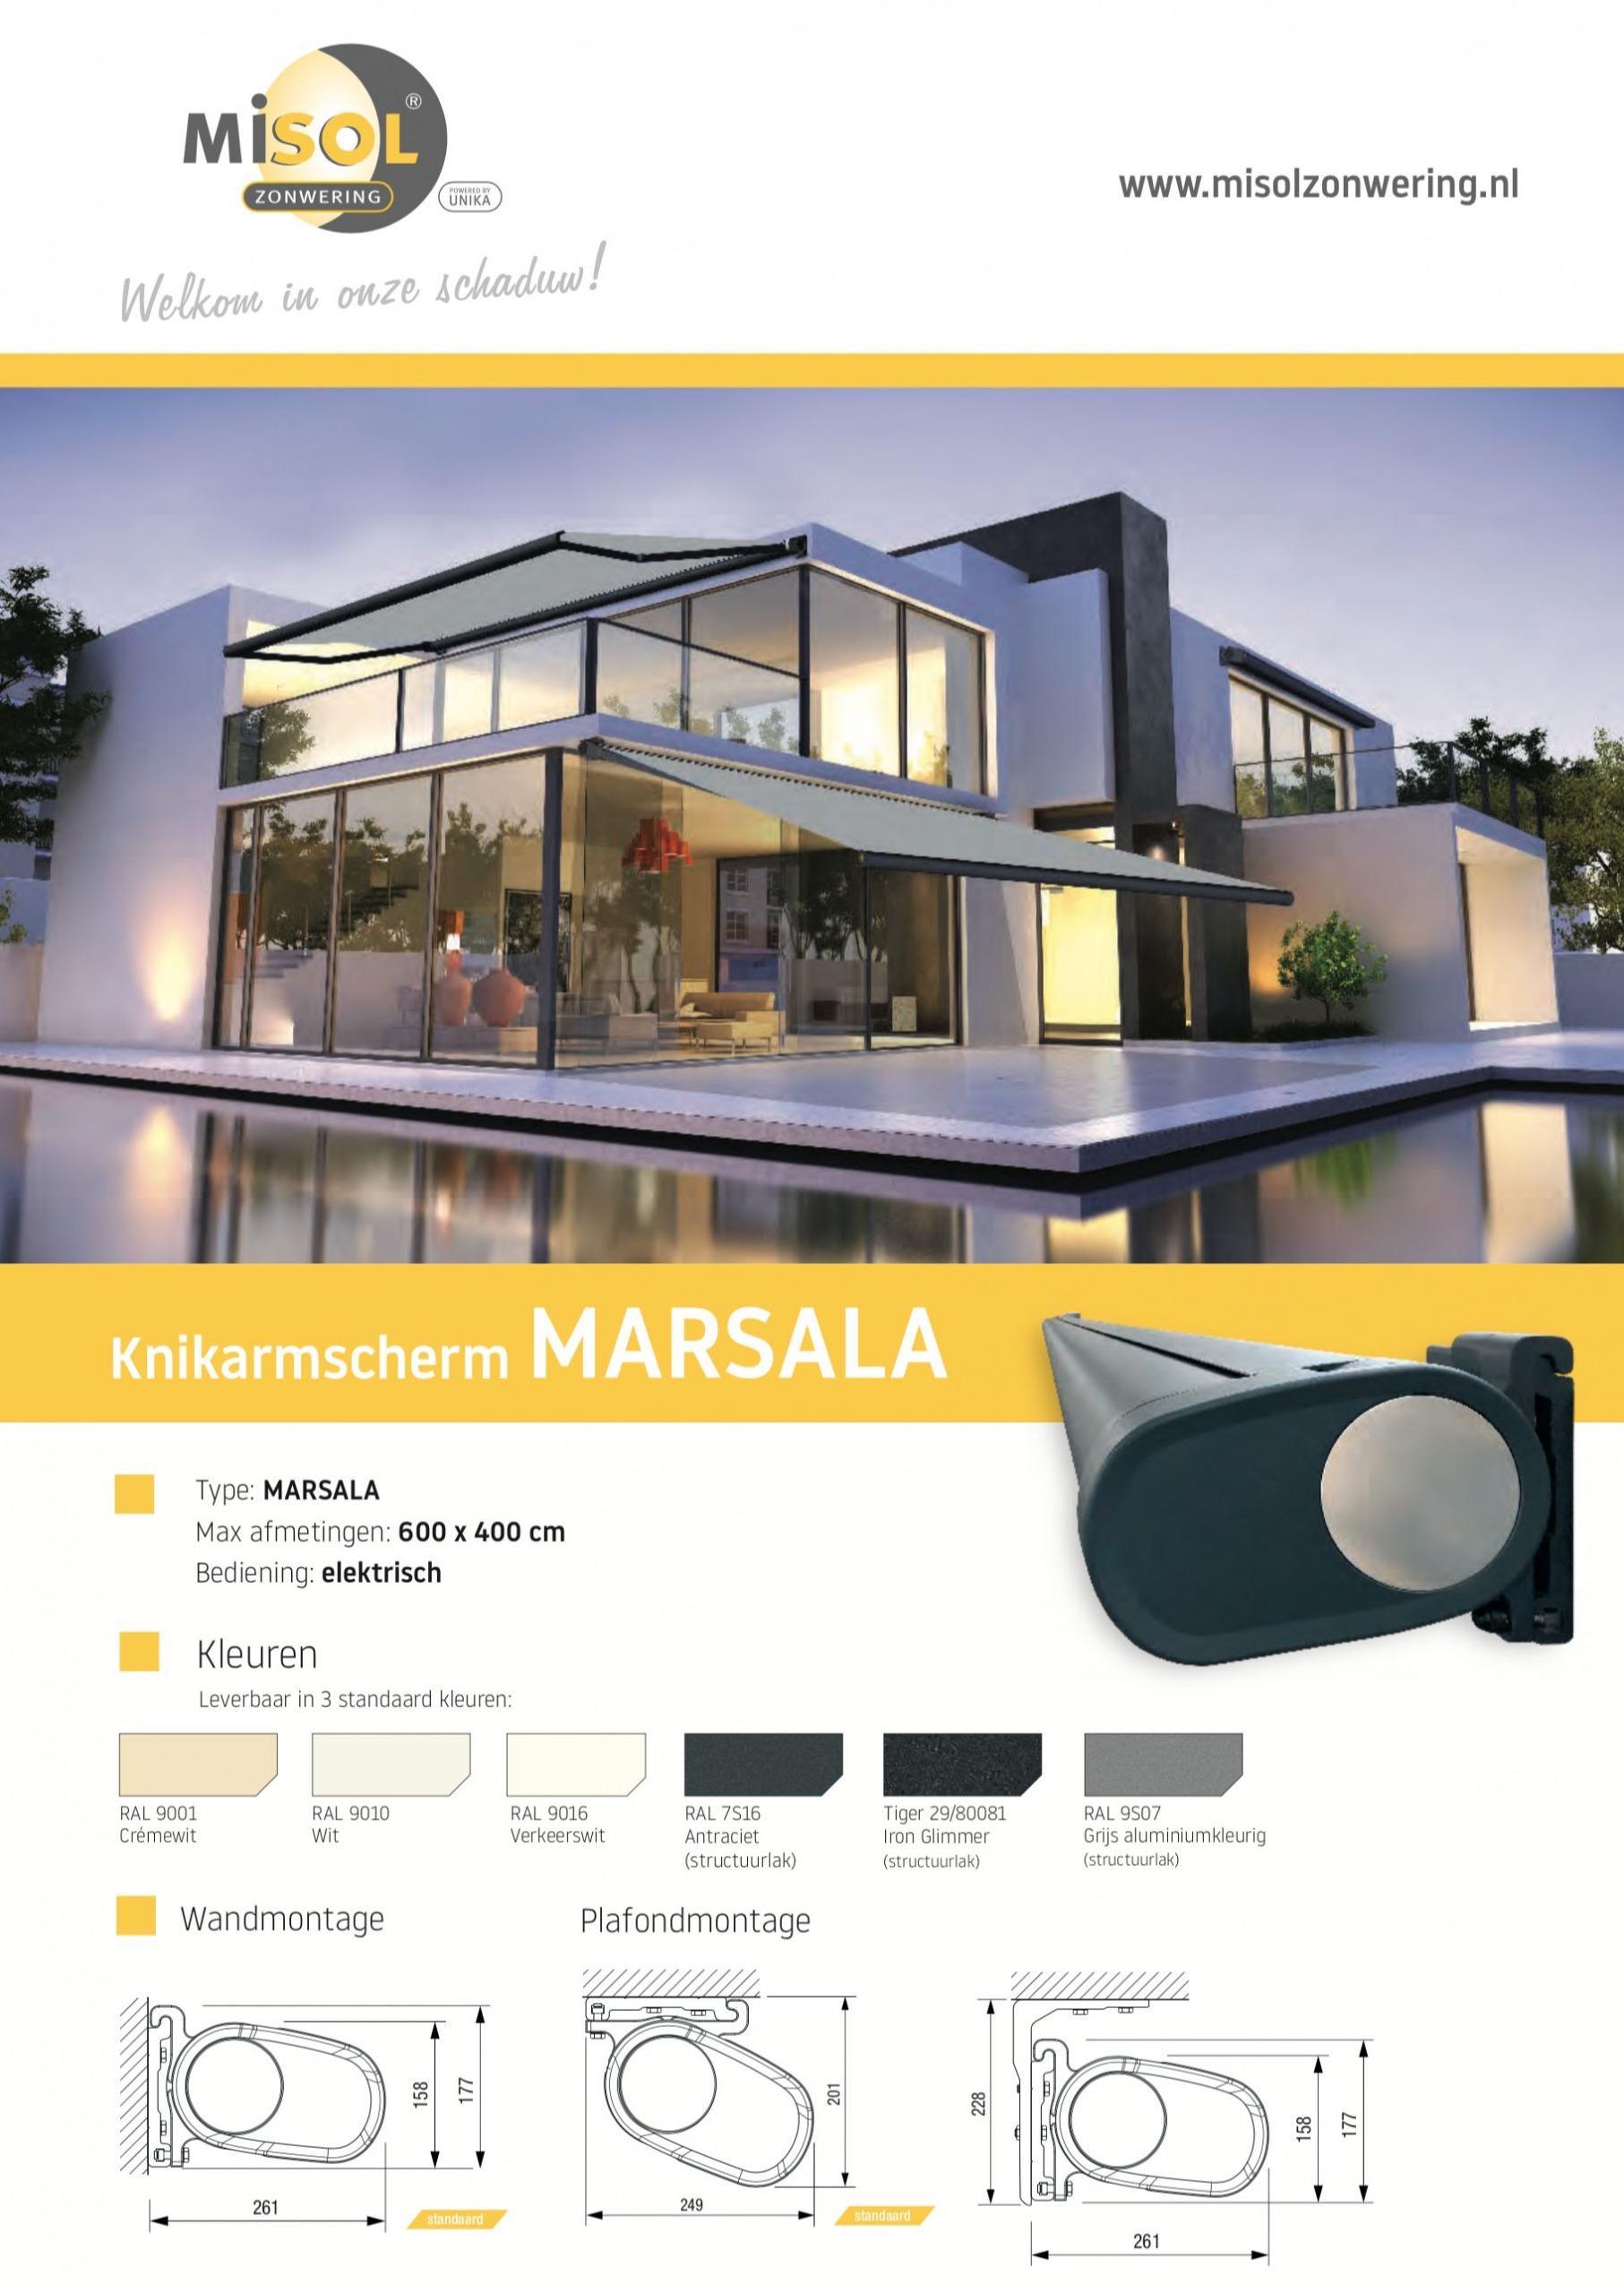 Marsala - Misol Huismerk